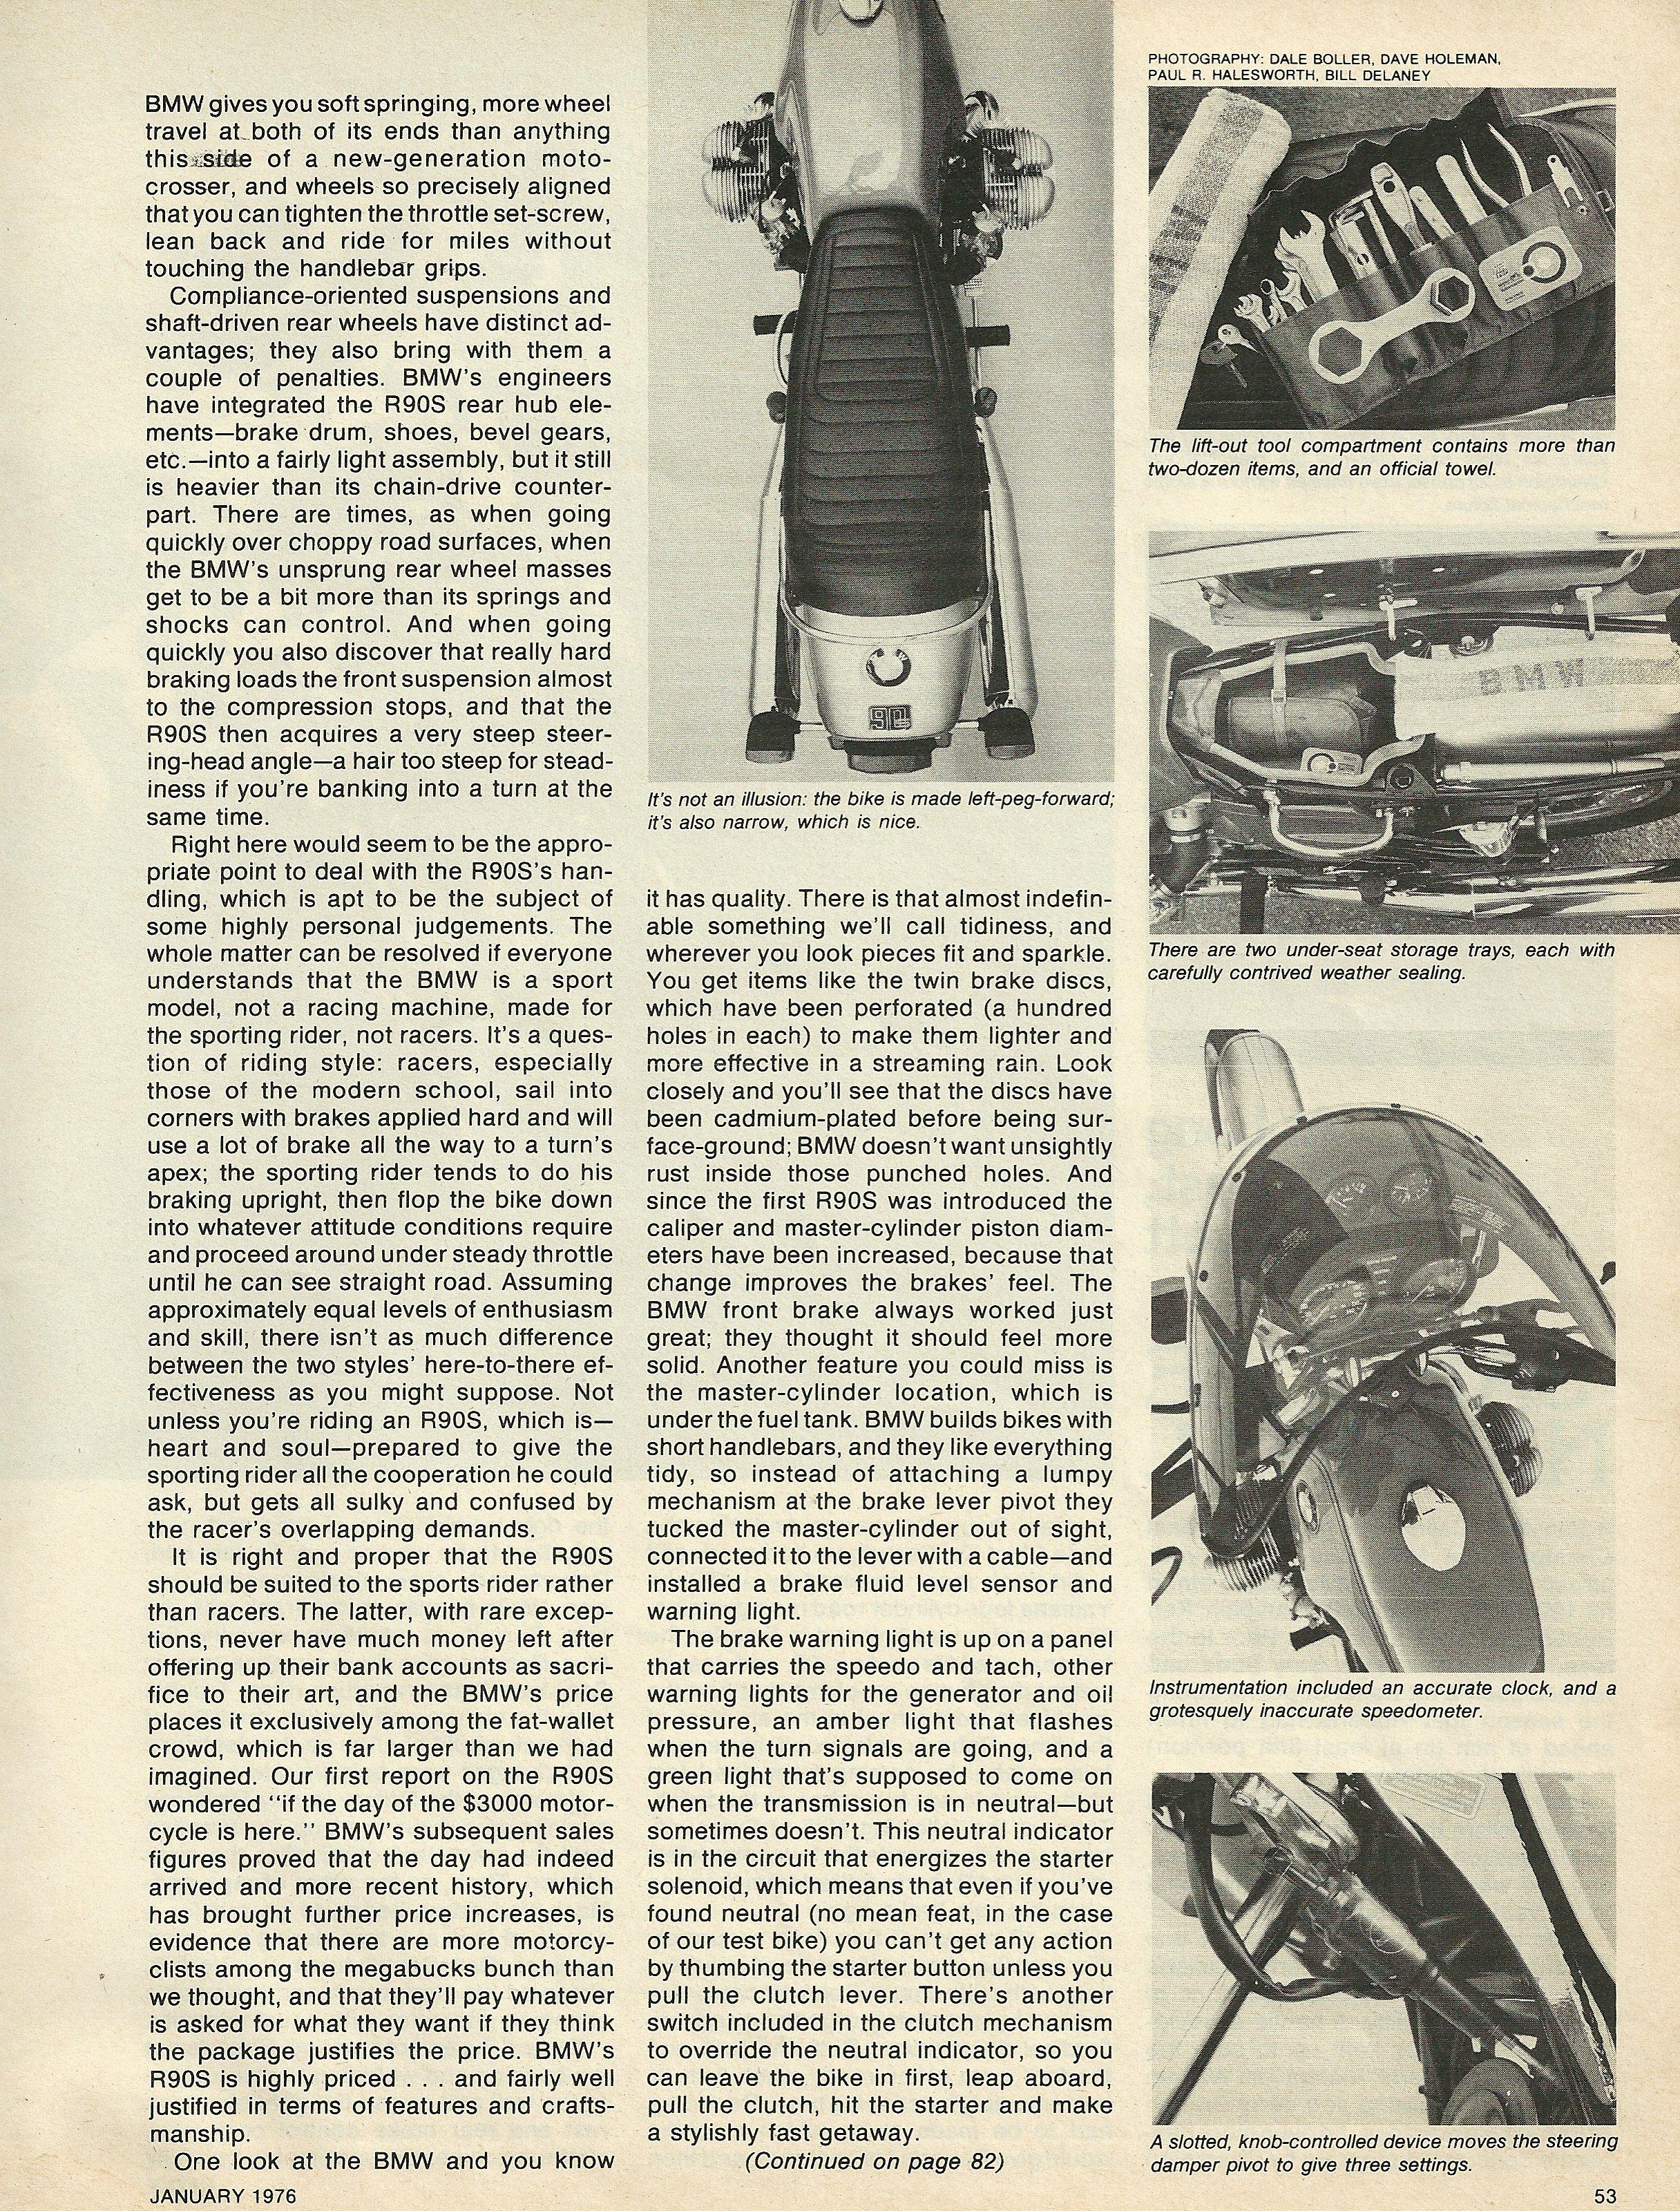 1976 BMW R90S road test 6.JPG